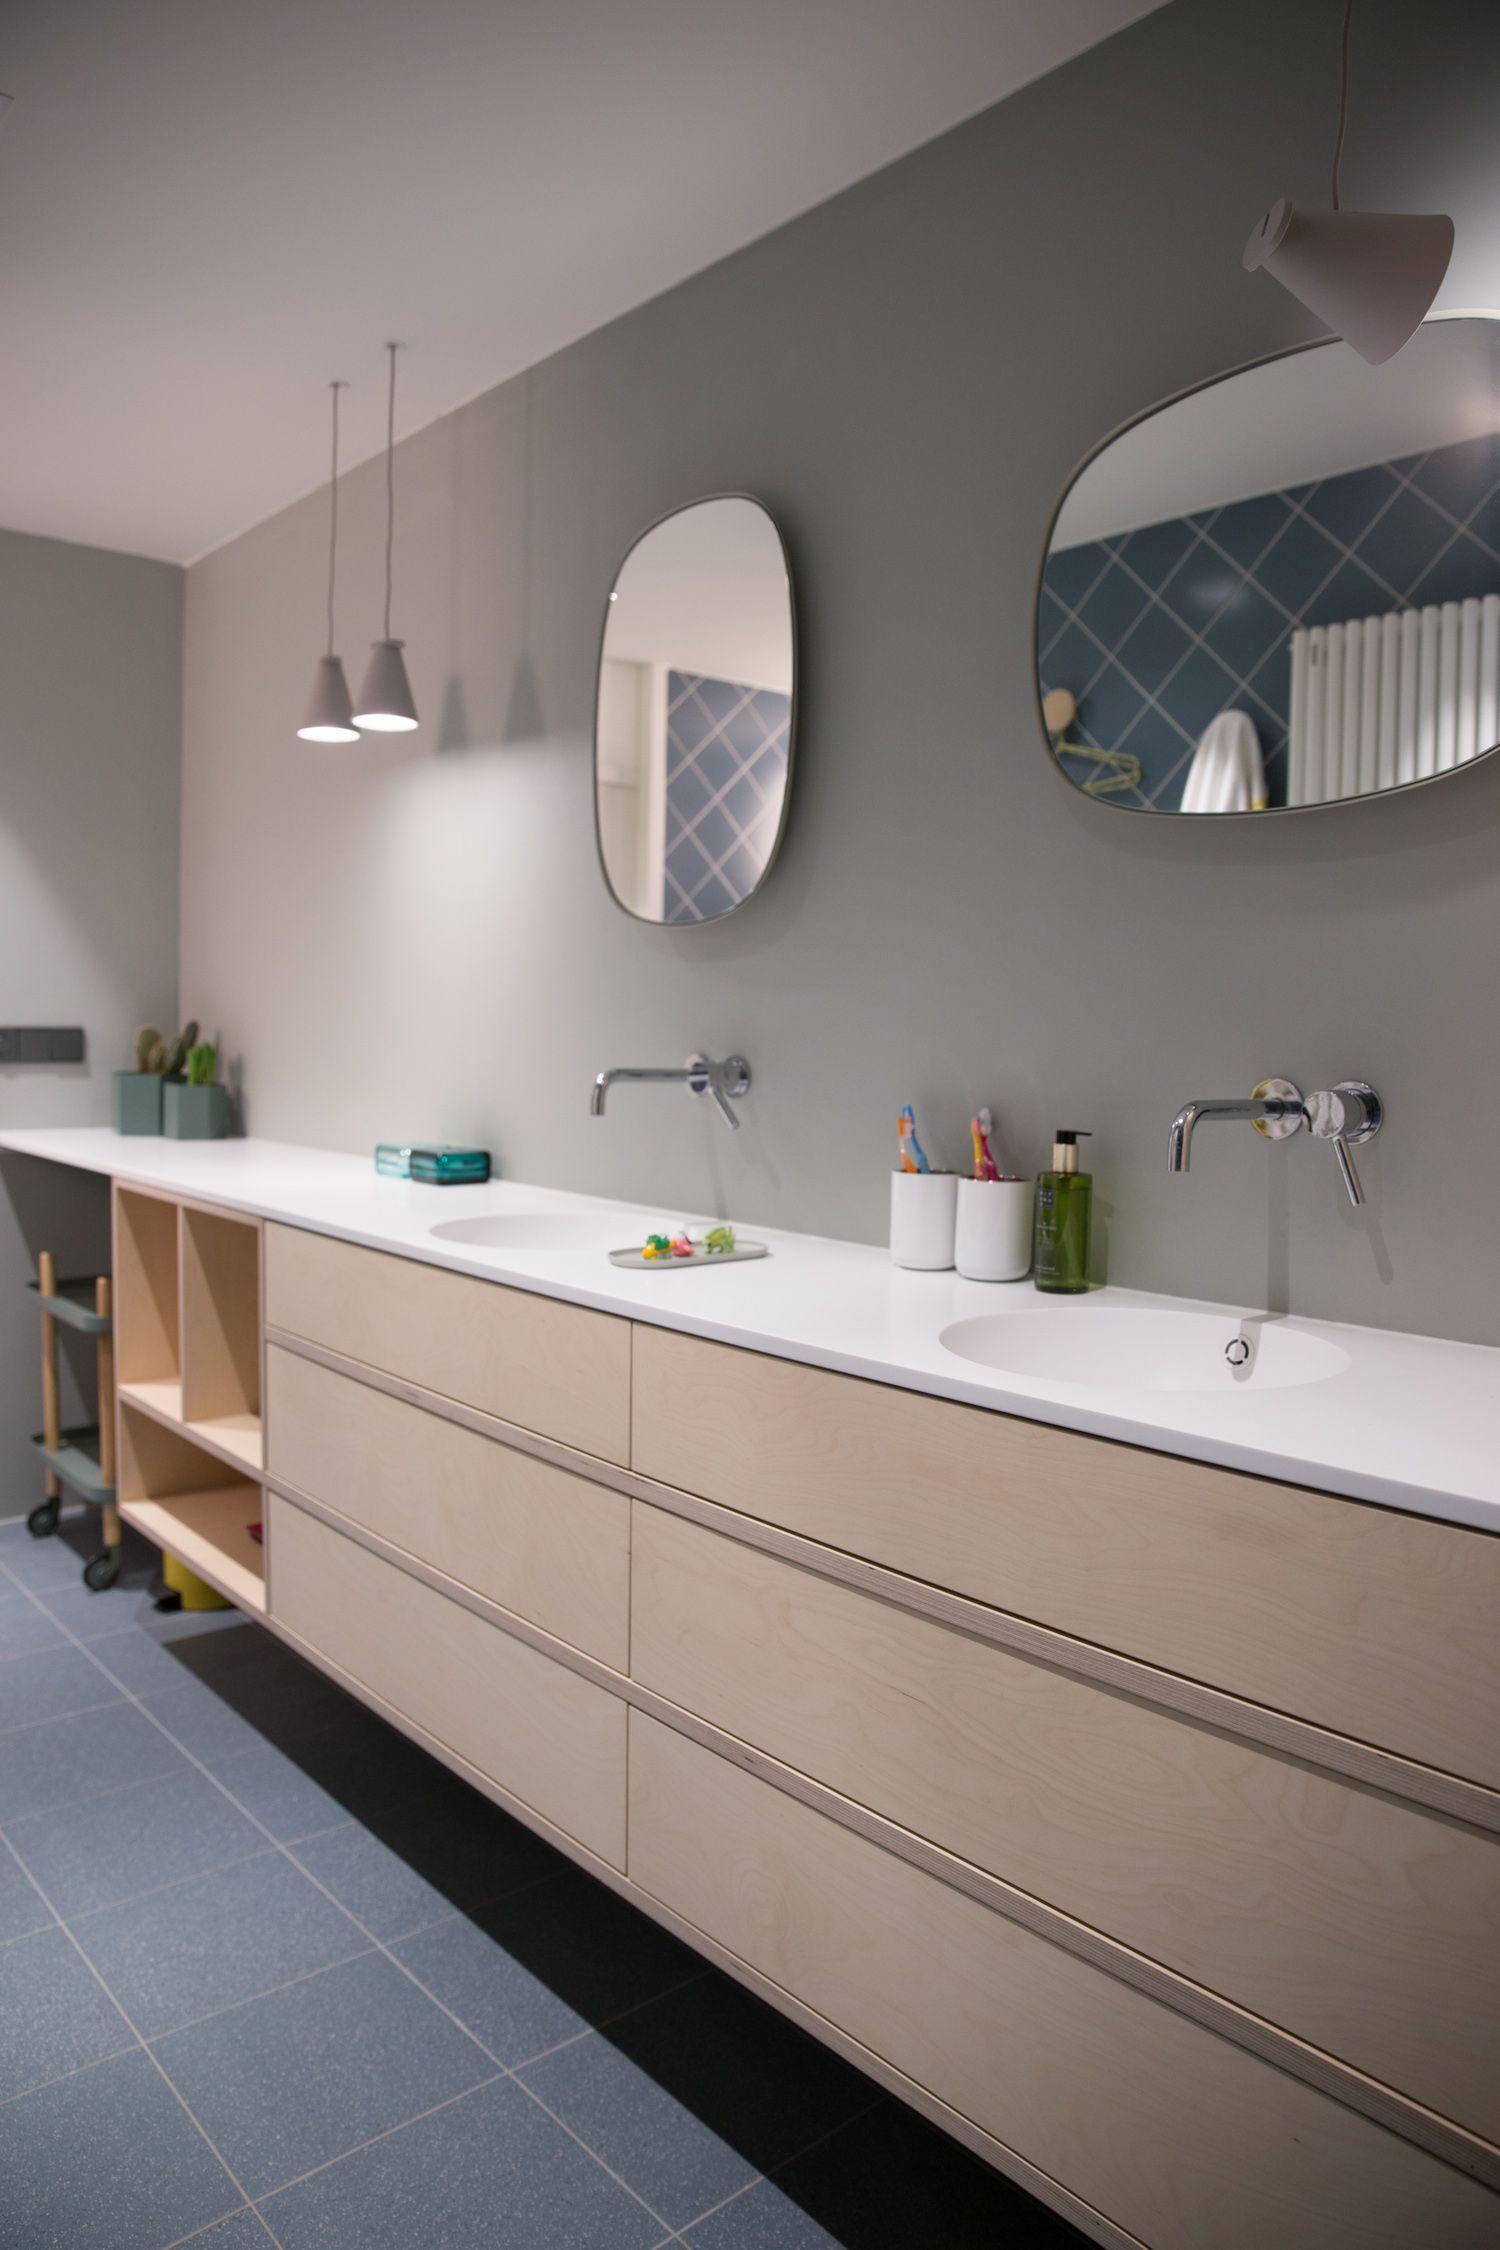 Femkeido Interieur Project - Heerhugowaard | Badkamer | Pinterest ...